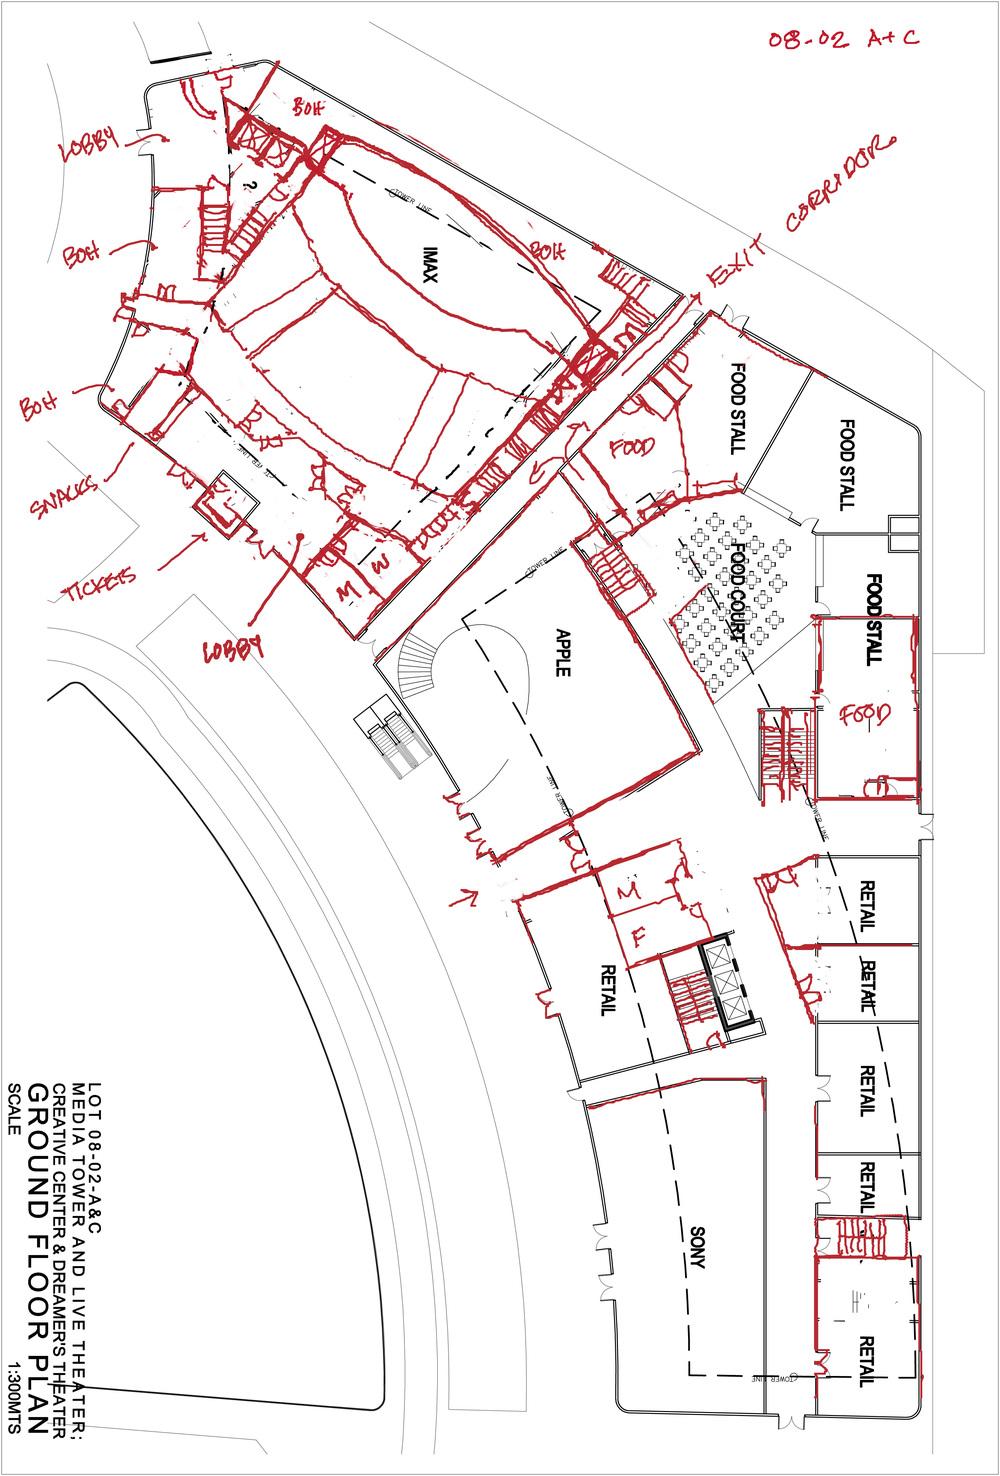 08-02-A&C-PODIUM PLAN_ground.jpg